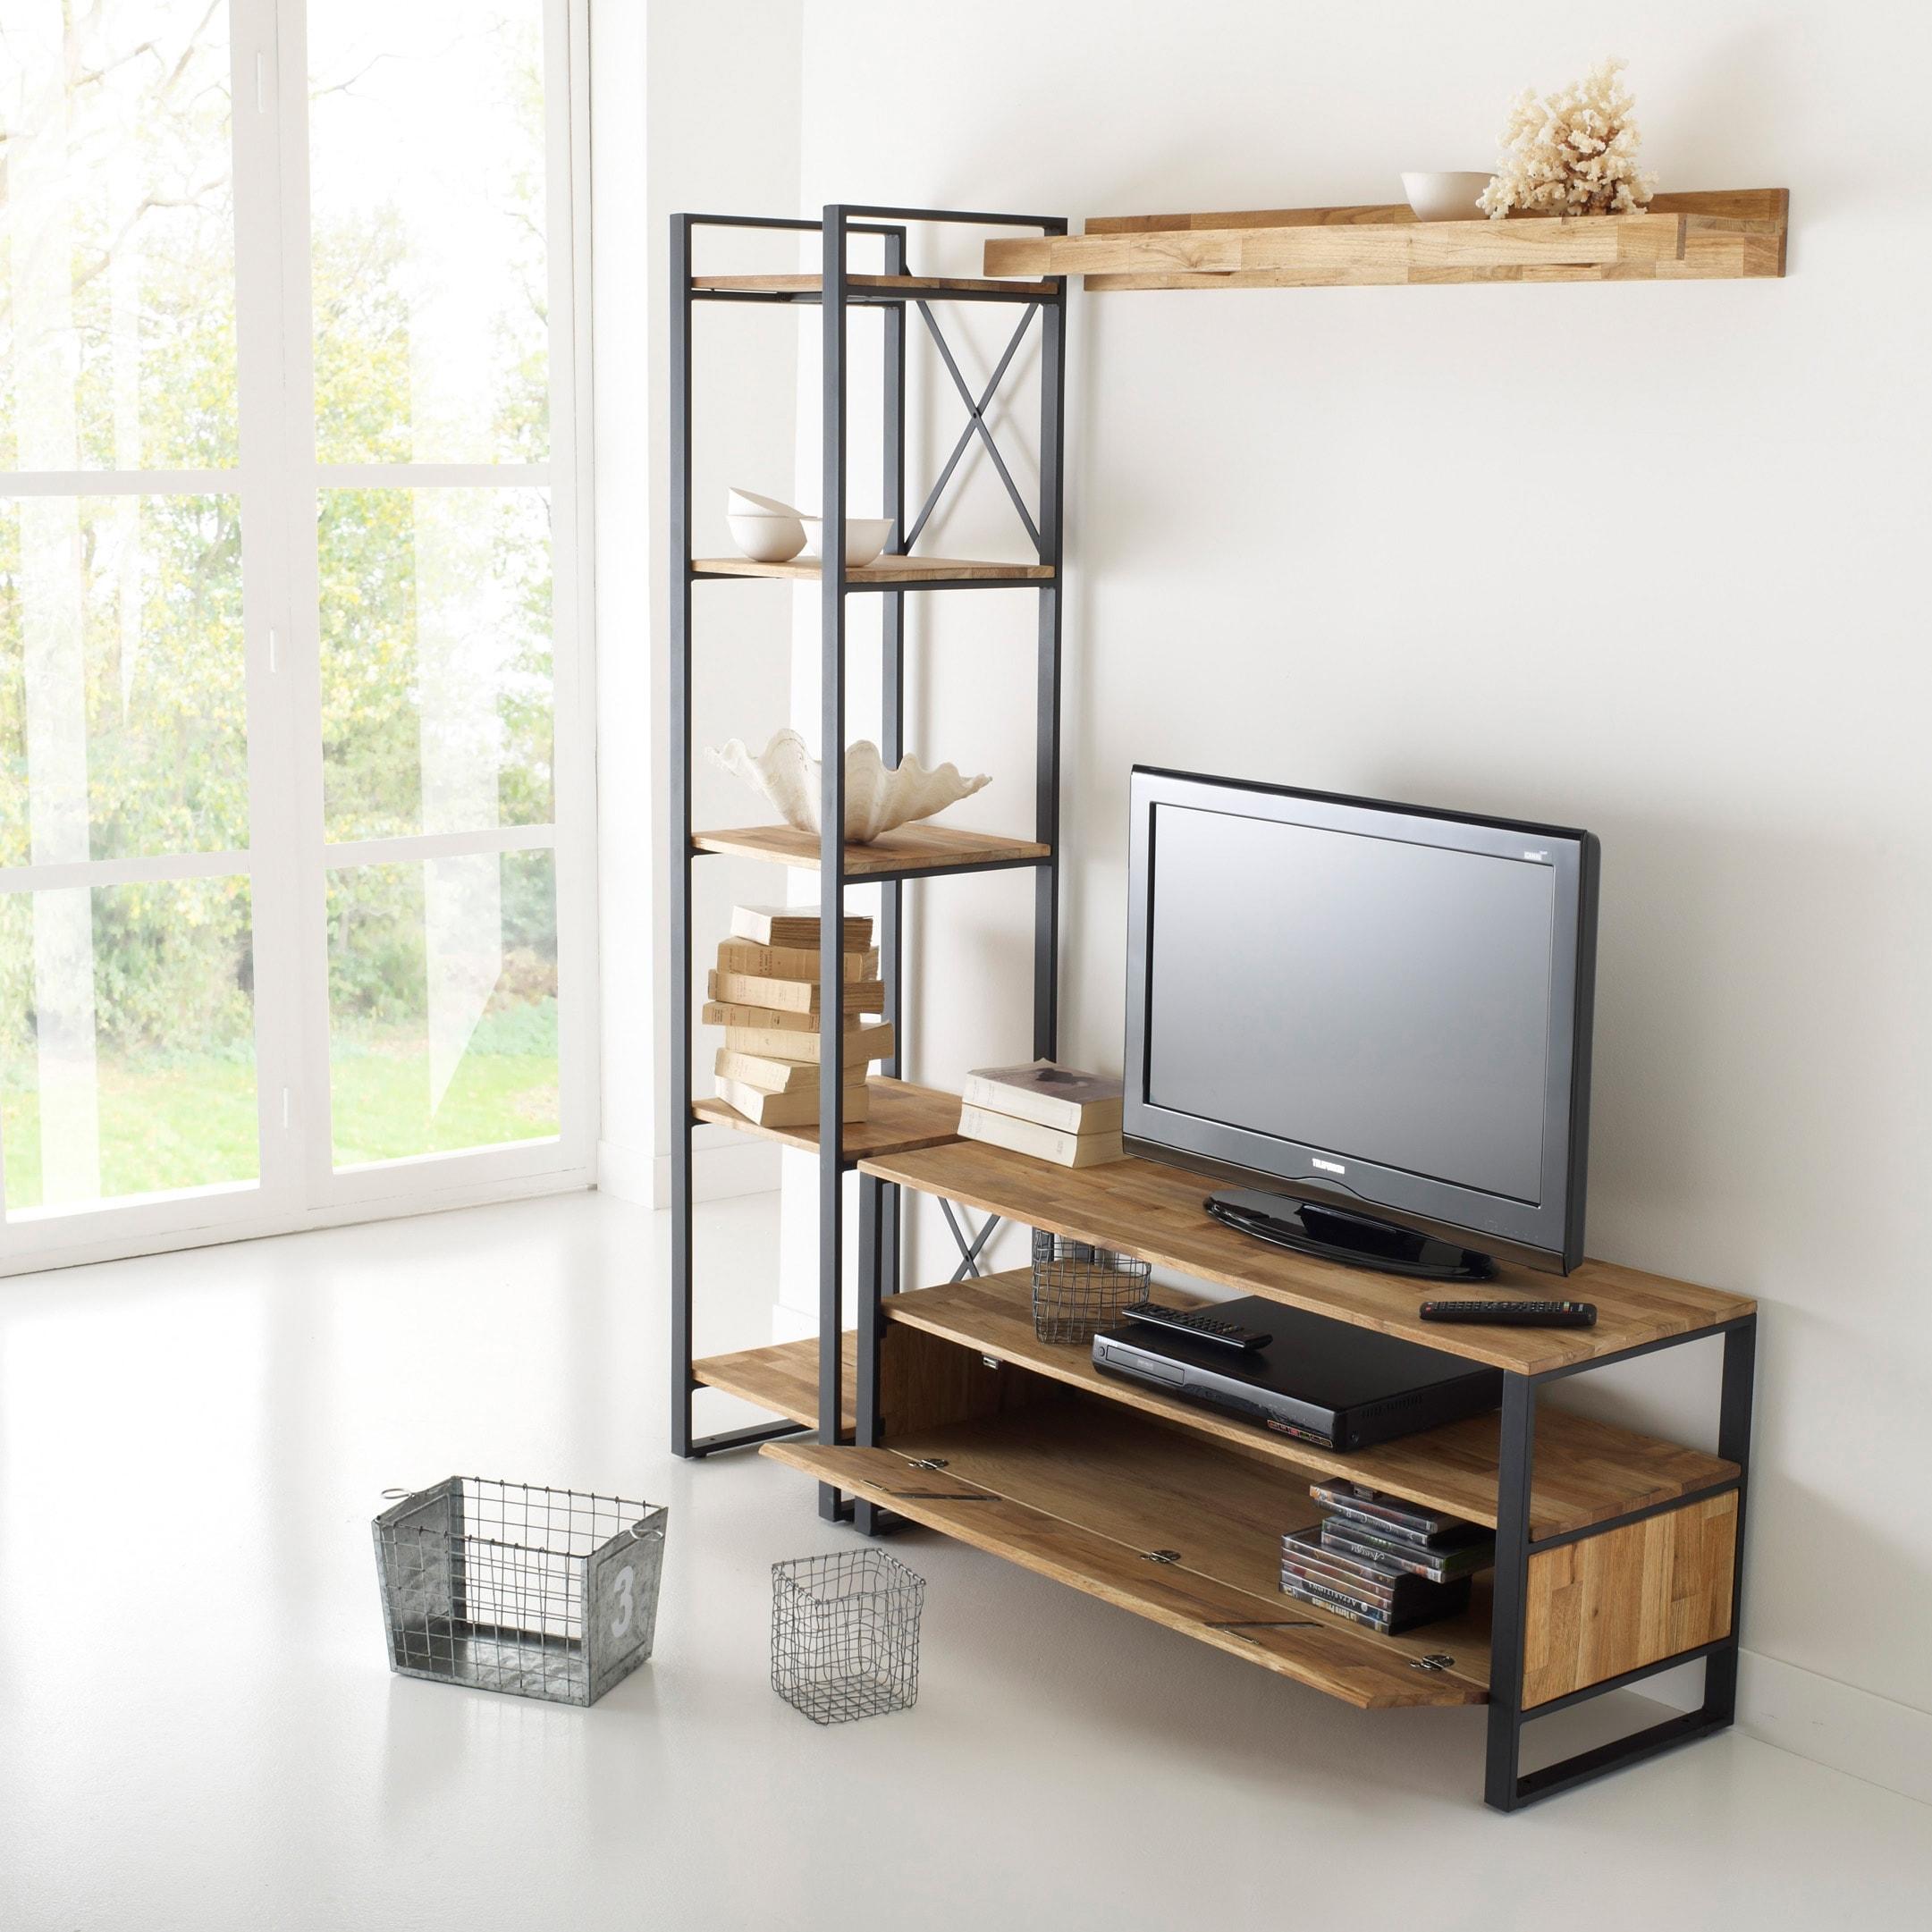 Redoute Meuble Tv - Meuble Tv Industriel La Redoute Maison Et Mobilier D Int Rieur[mjhdah]https://i.pinimg.com/originals/87/5b/4f/875b4fd9b38abe4cbc6ee6b8d1a1156a.jpg